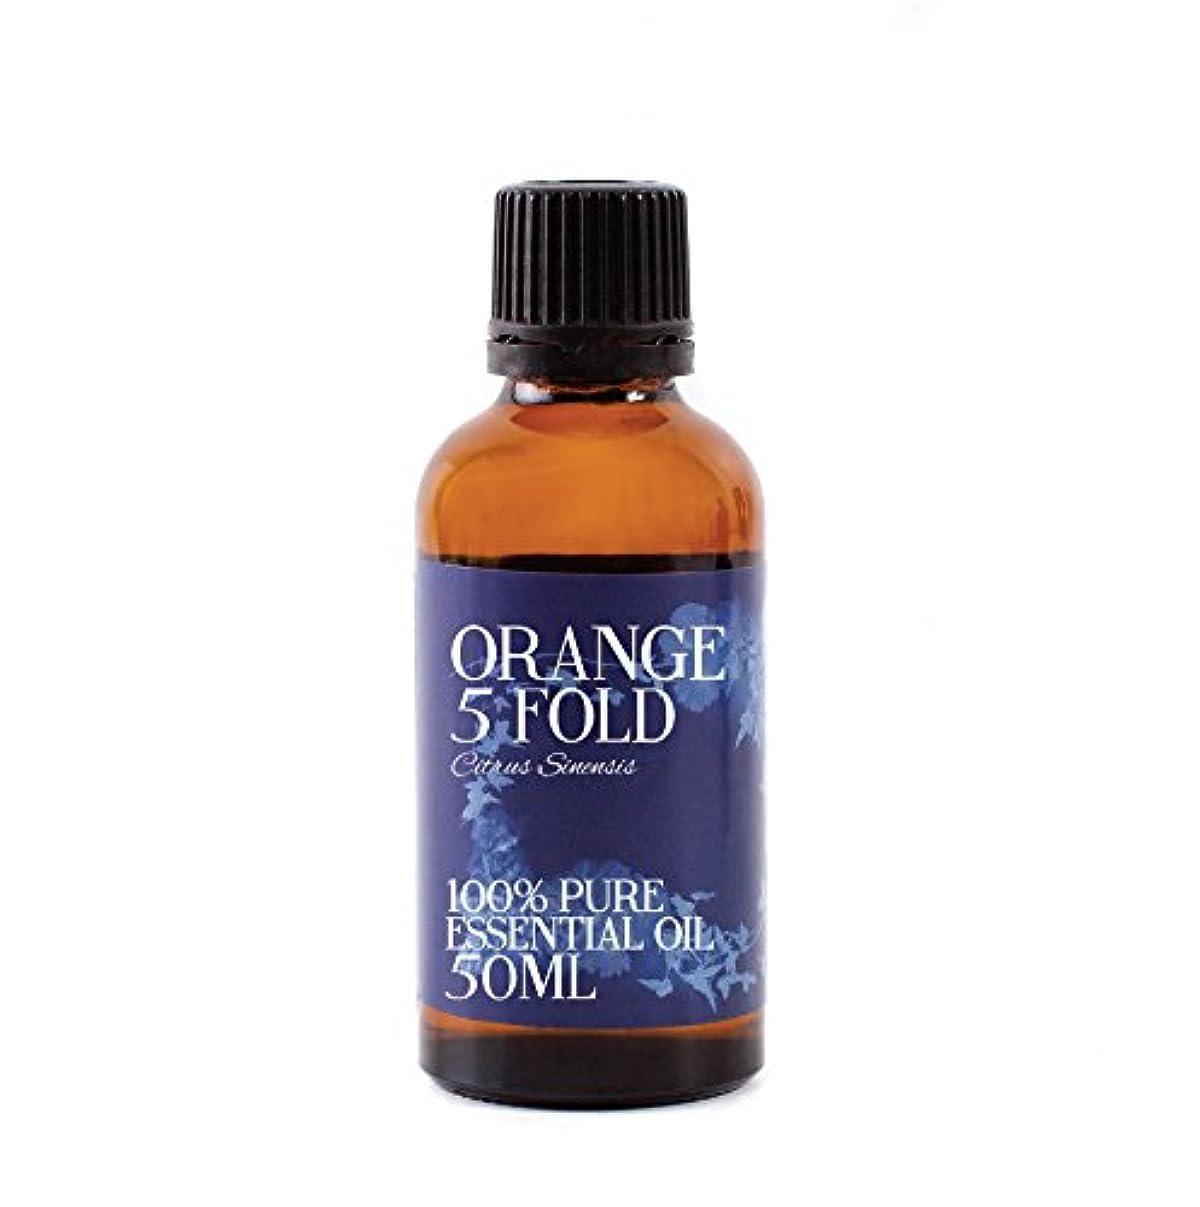 すばらしいです耐えられるマラウイMystic Moments | Orange 5 Fold Essential Oil - 50ml - 100% Pure